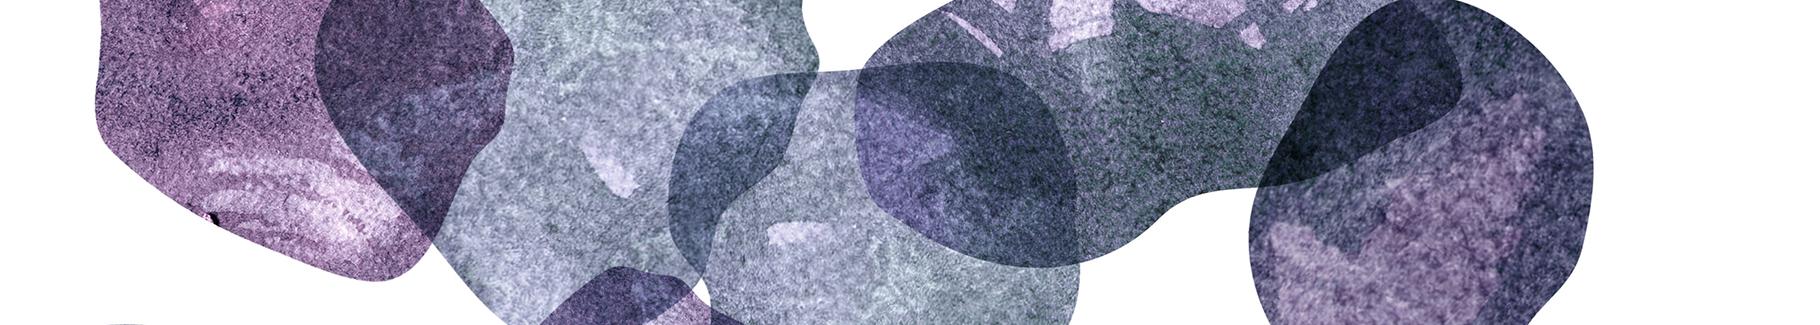 Naklejka fioletowe kamienie